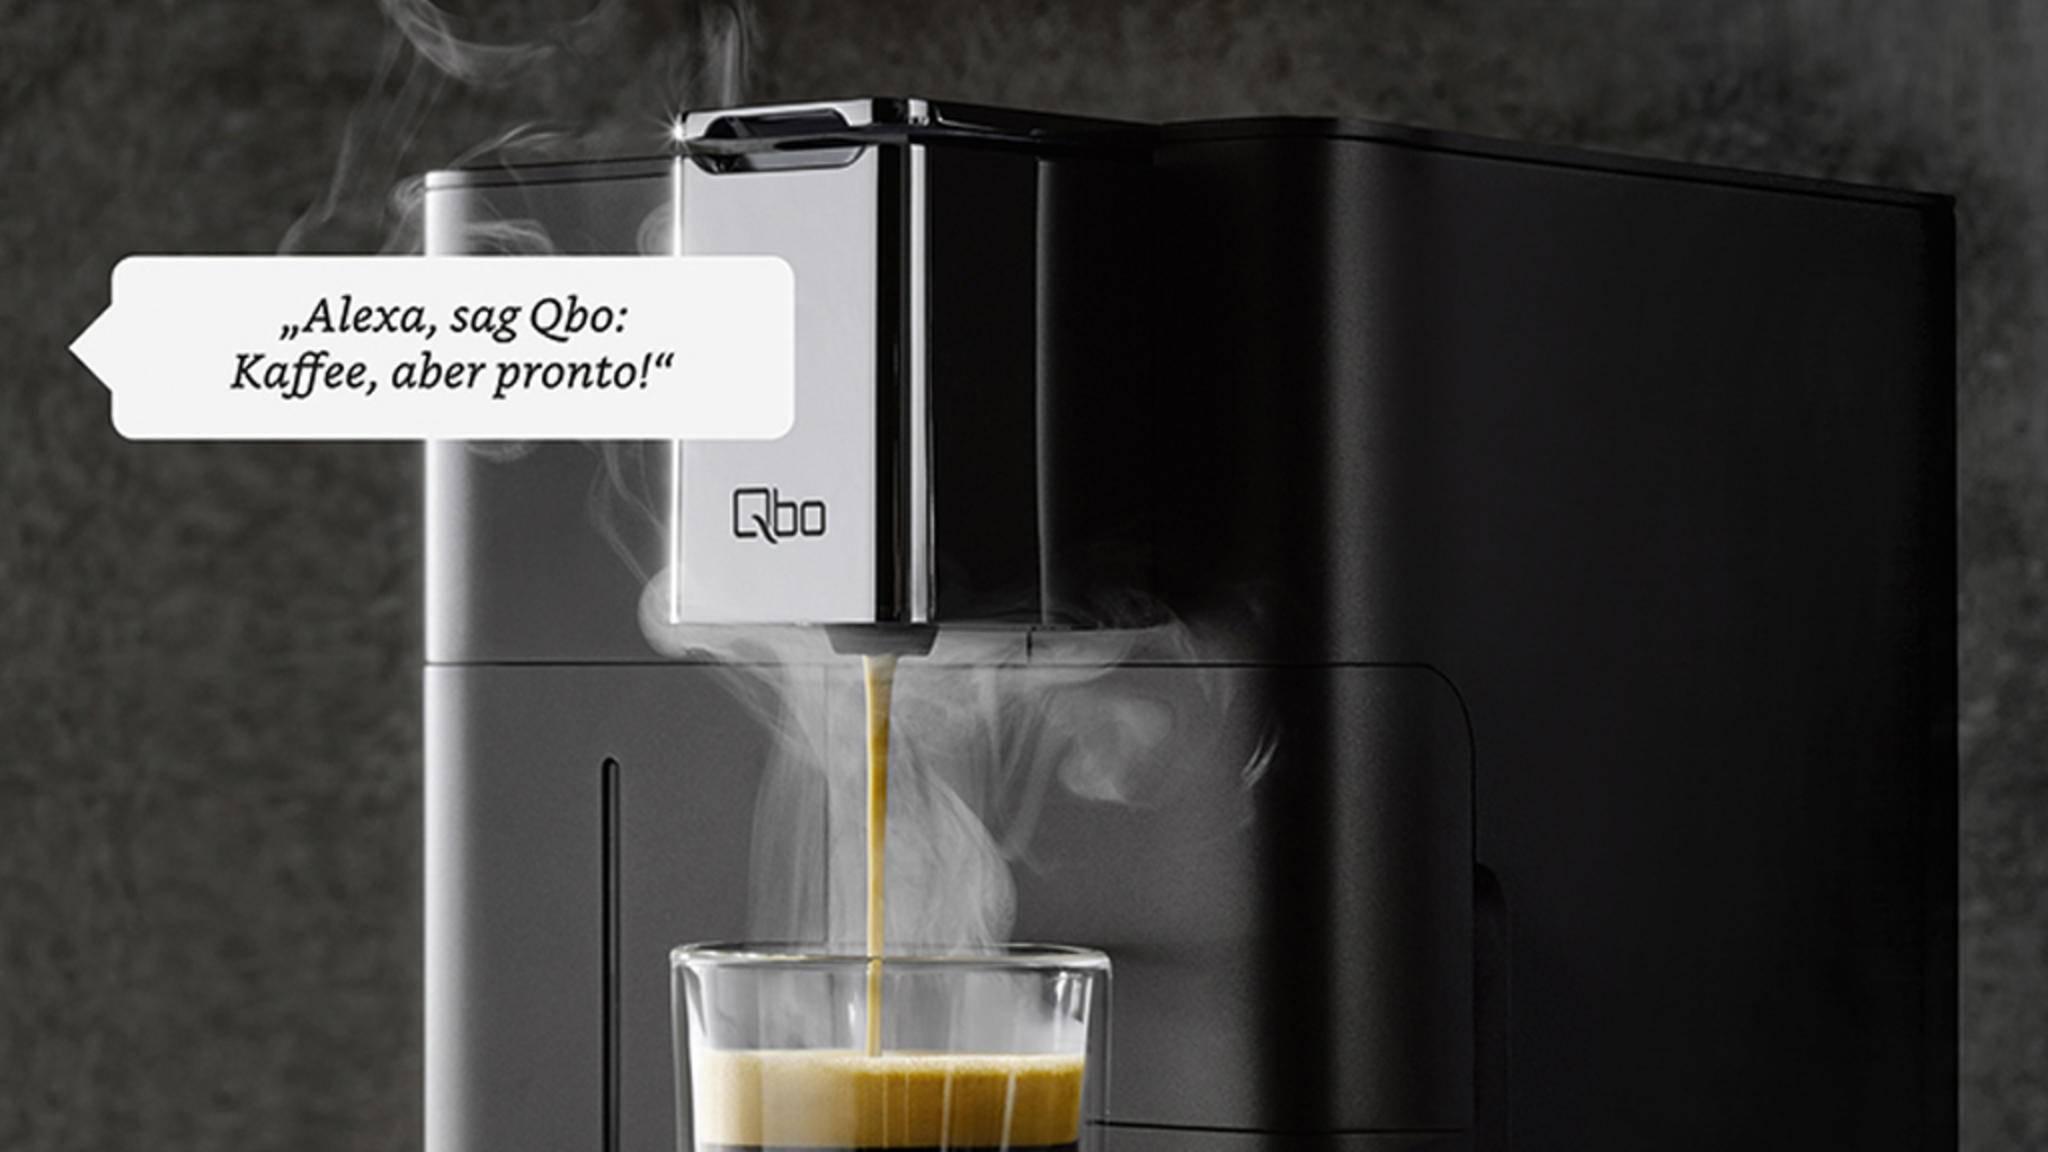 Tchibo Qbo Kaffeemaschine mit Alexa-Skill